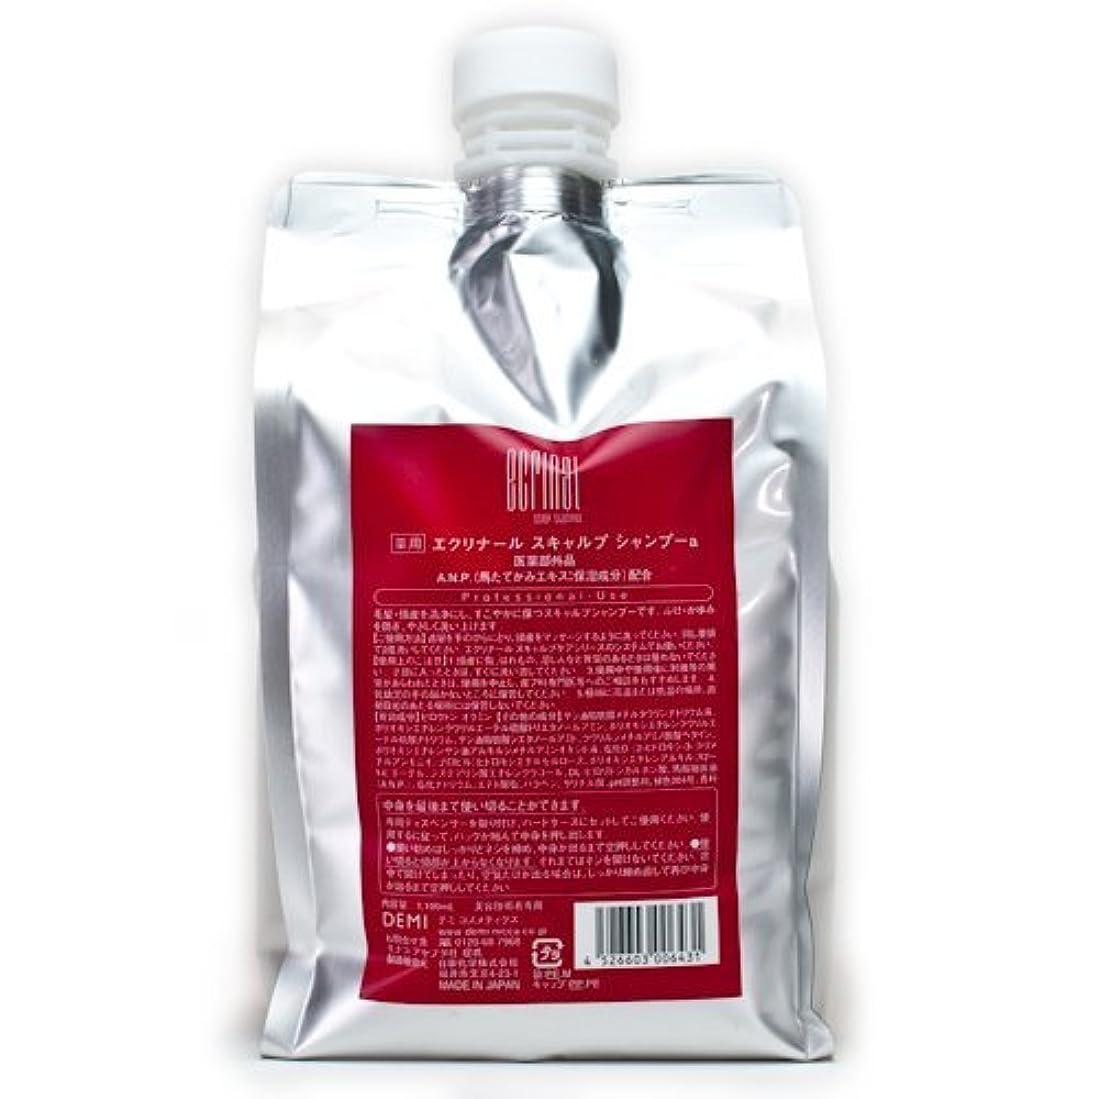 むさぼり食うフィヨルド聖人デミコスメティクス エクリナール スキャルプシャンプー 1100ml (医薬部外品)